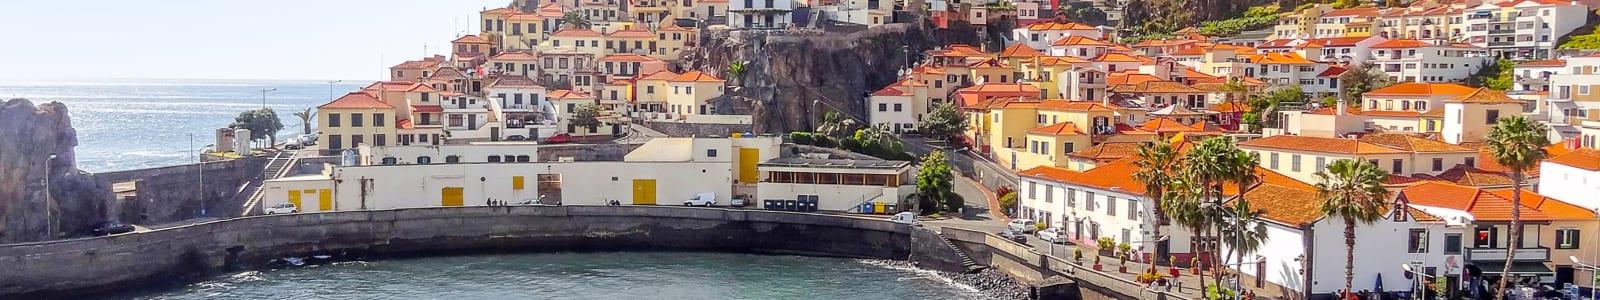 Coastal Funchal